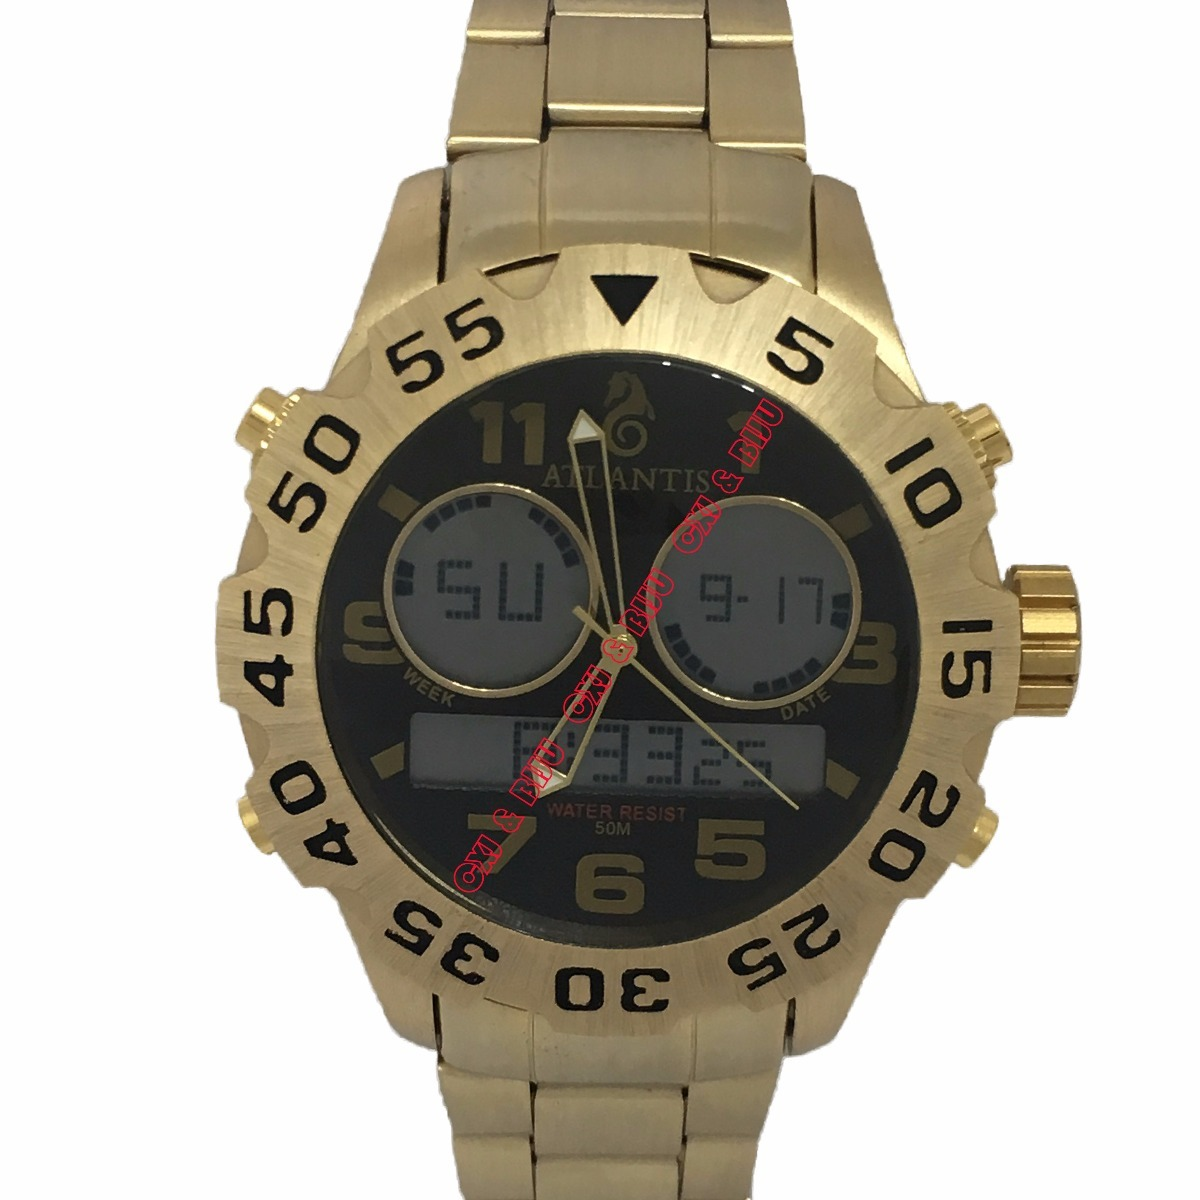 71d55921913 relógio masculino original atlantis dourado ponteiro digital. Carregando  zoom.